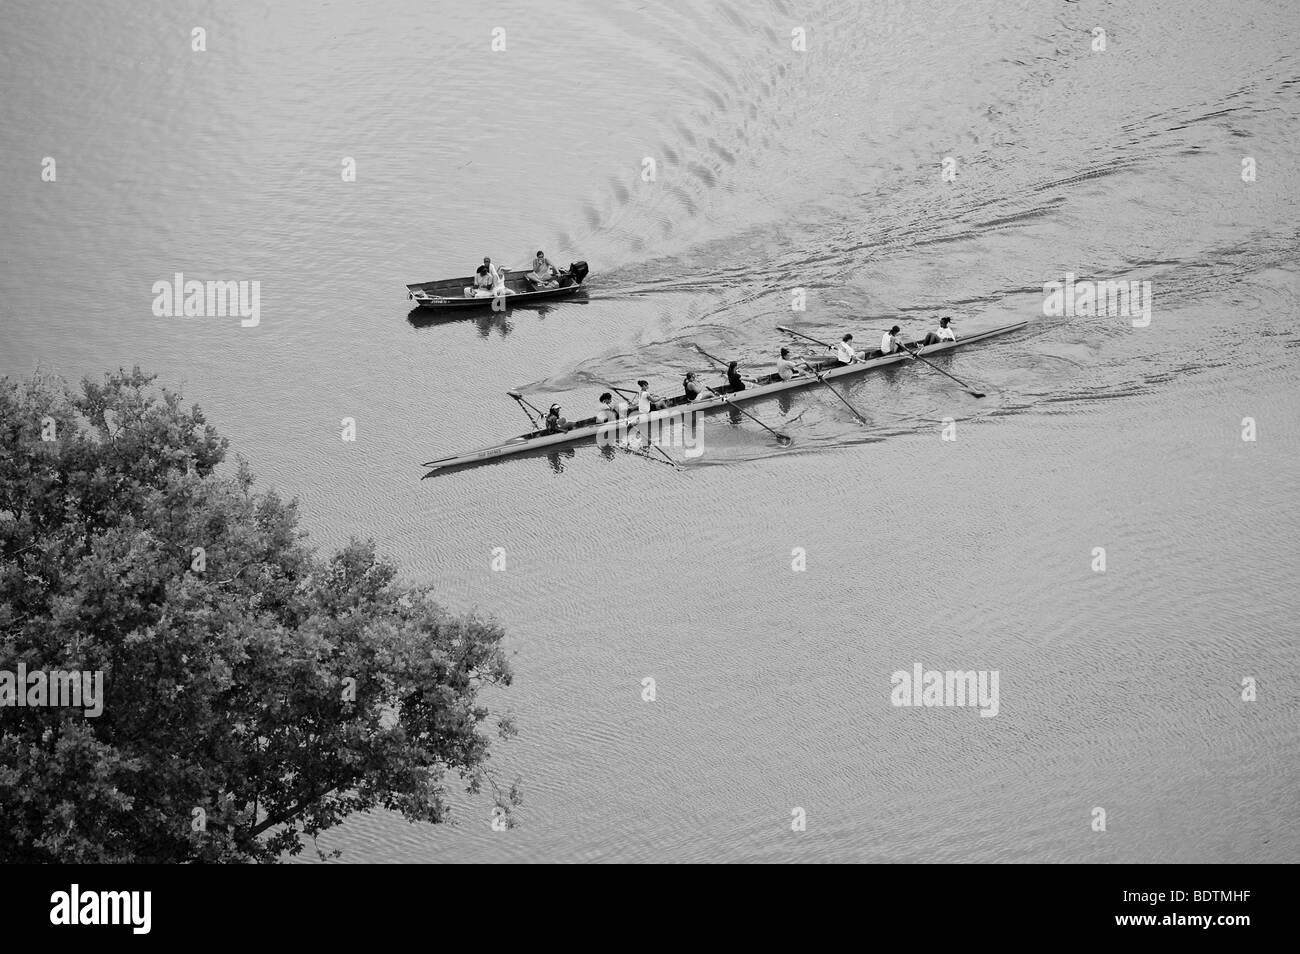 Les rameurs de l'équipe pratique l'aviron dans un 8 / 8 personne scull sur la rivière Schuylkill Photo Stock